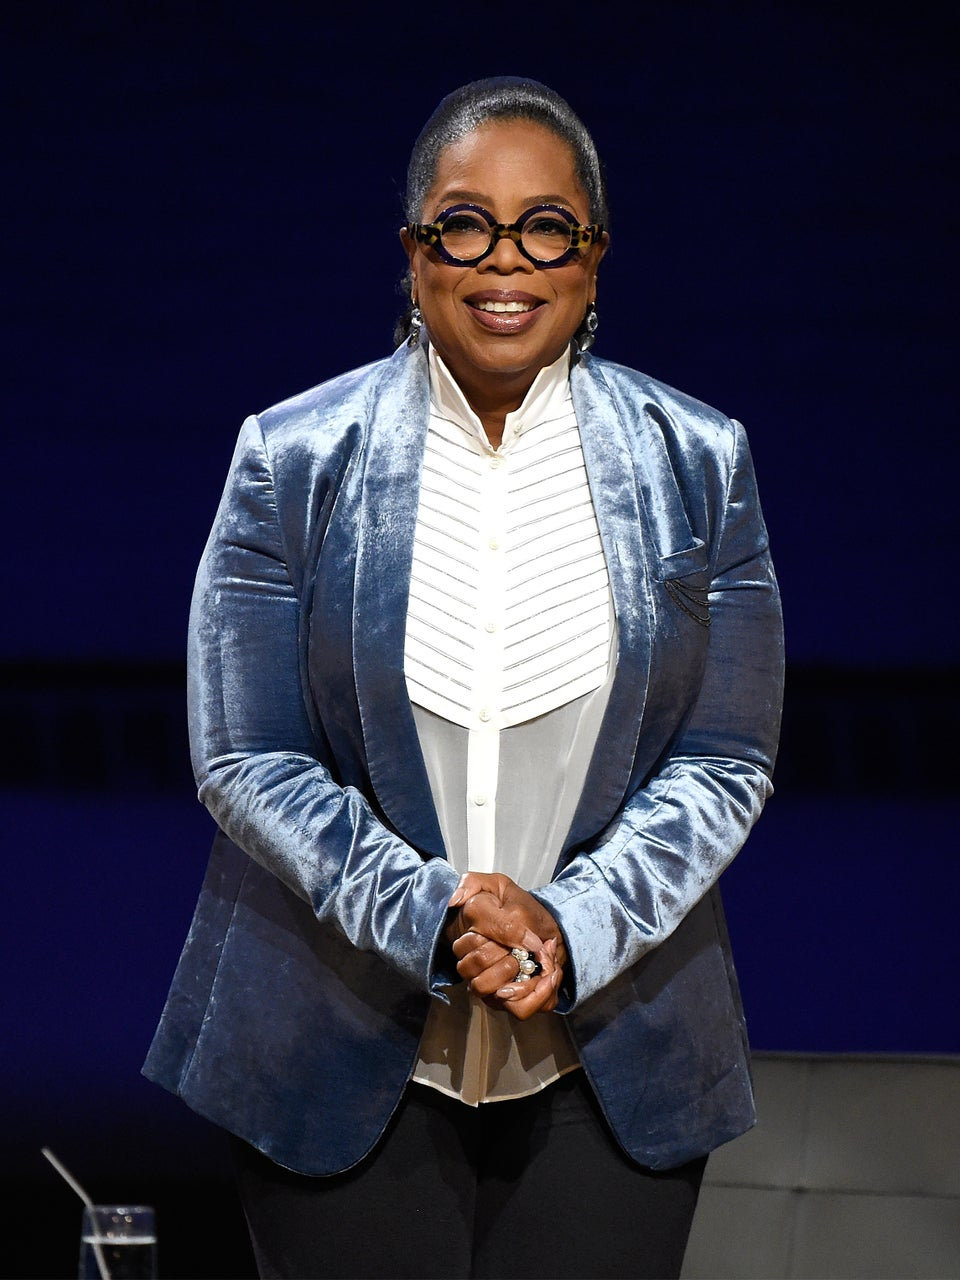 Oprah Winfrey Is Definitely Not Running For Office